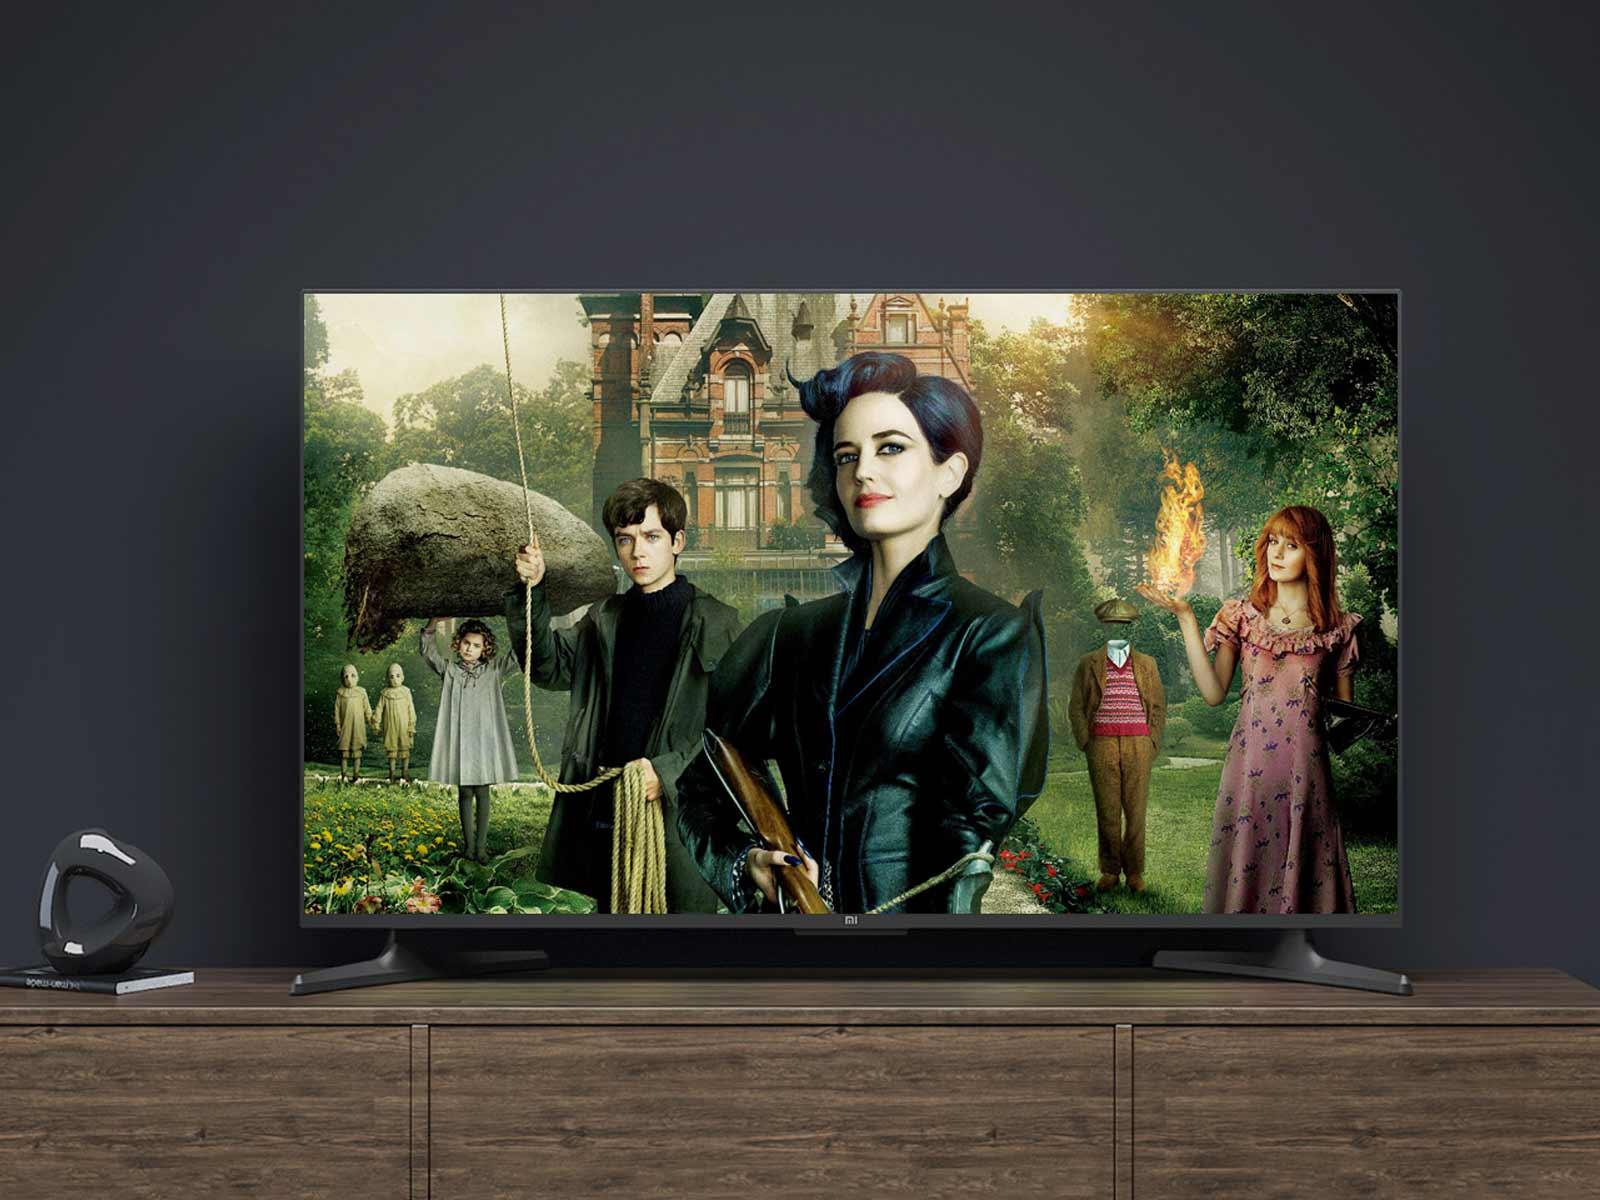 彩电销量整体下滑:小米电视逆势增长近七成